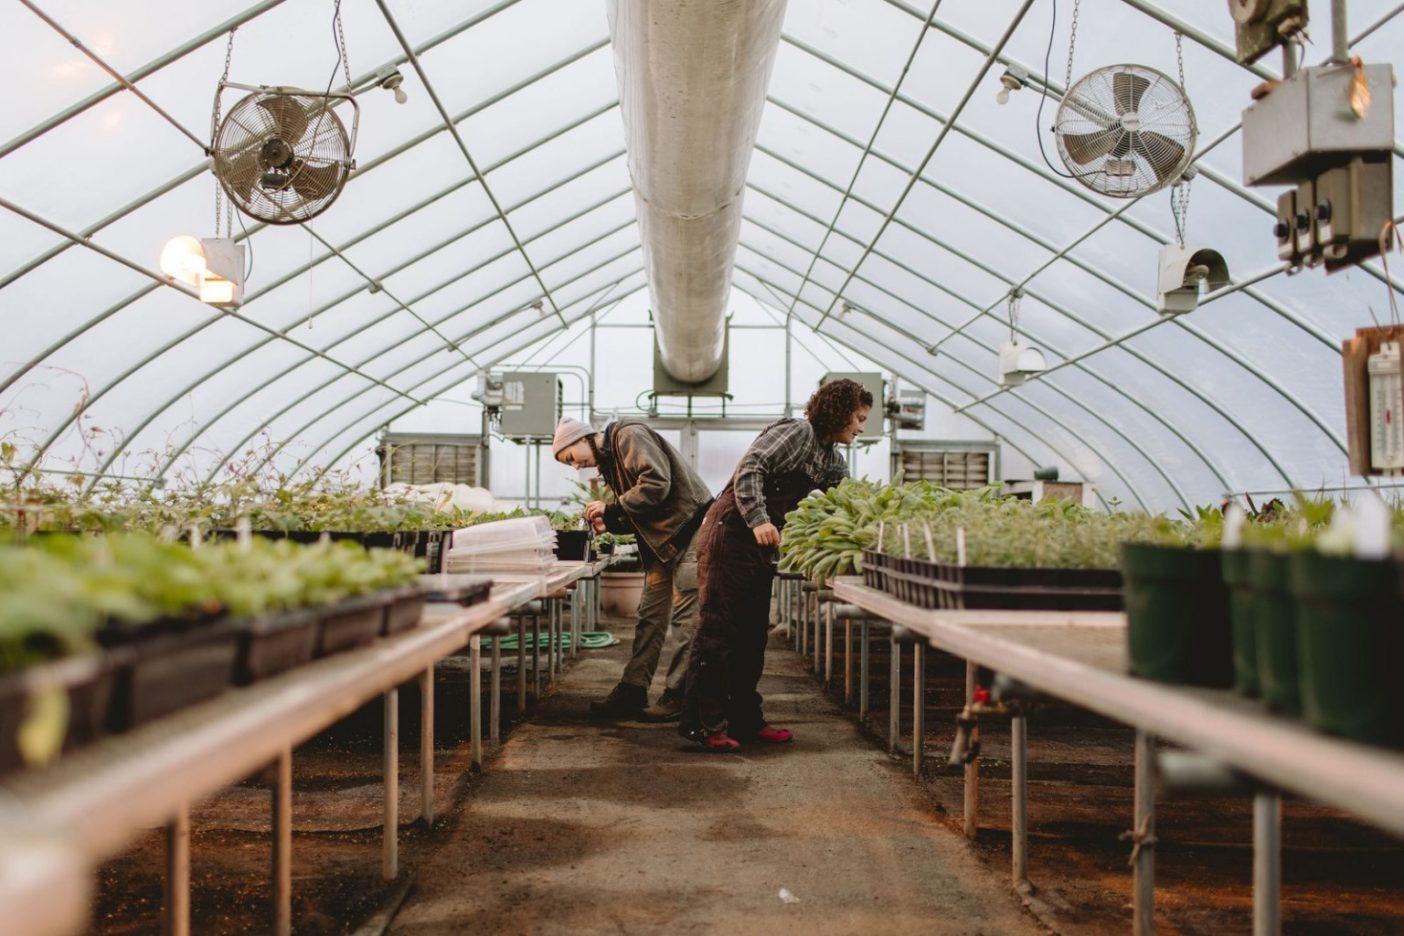 いま散髪してもらえるのは植物だけかもしれない。ときとして葉の成長を促進するための「散髪」が必要となる200種類以上の認証オーガニック植物の準備をする〈ロデール〉のインターンたち。photo:Johnie Gall